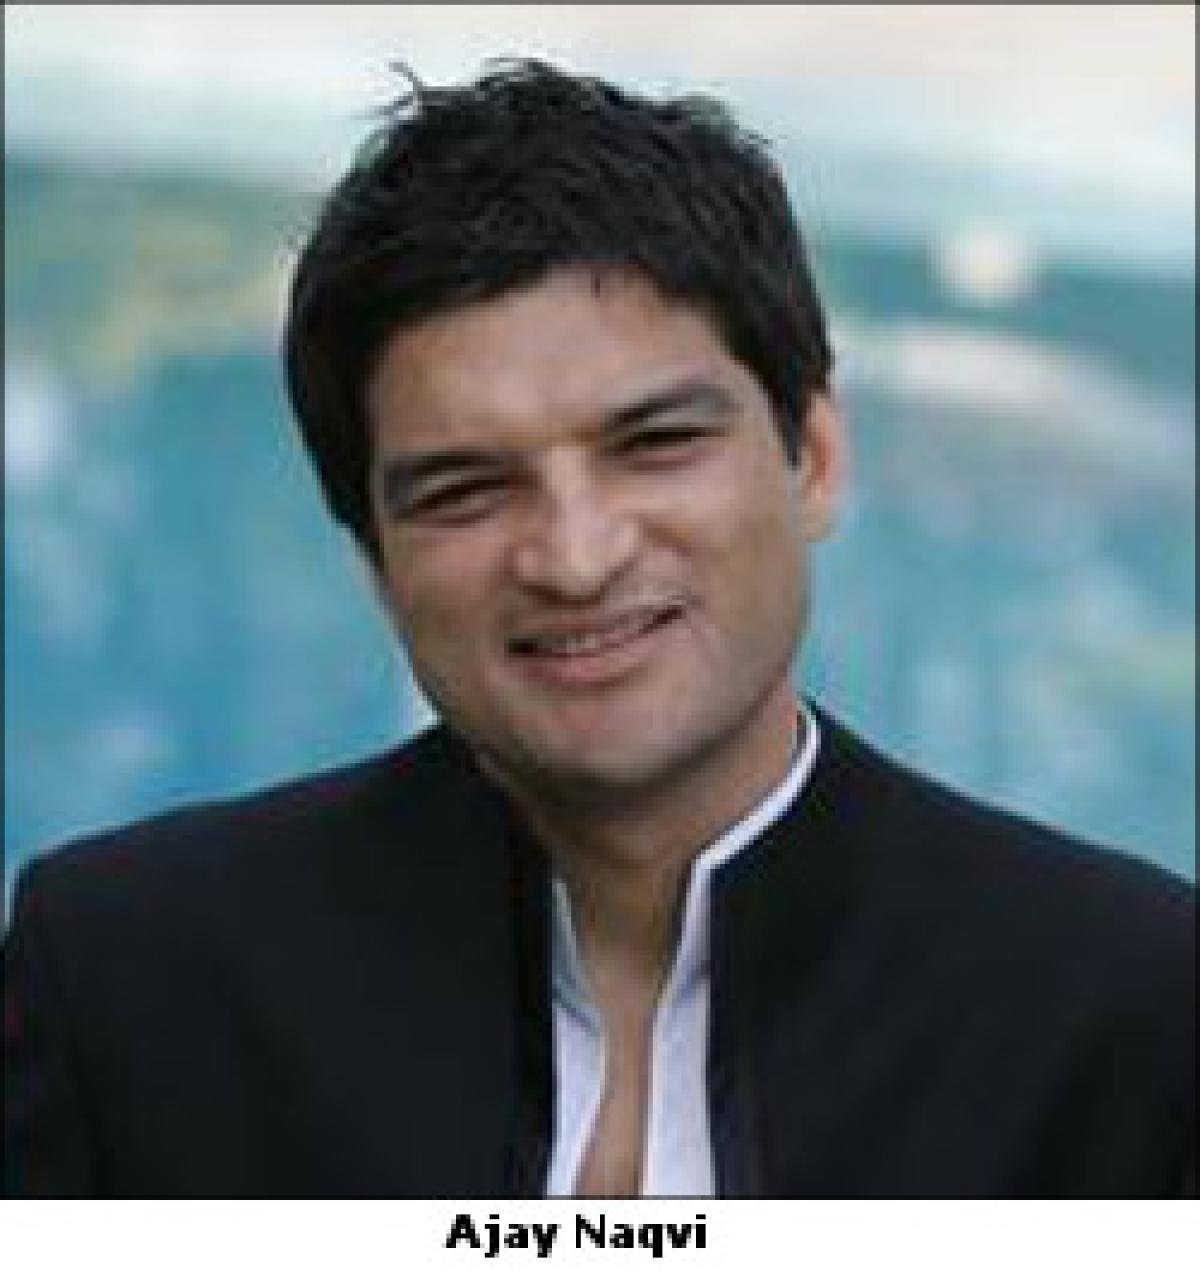 Coca-Cola's Ajay Naqvi moves on